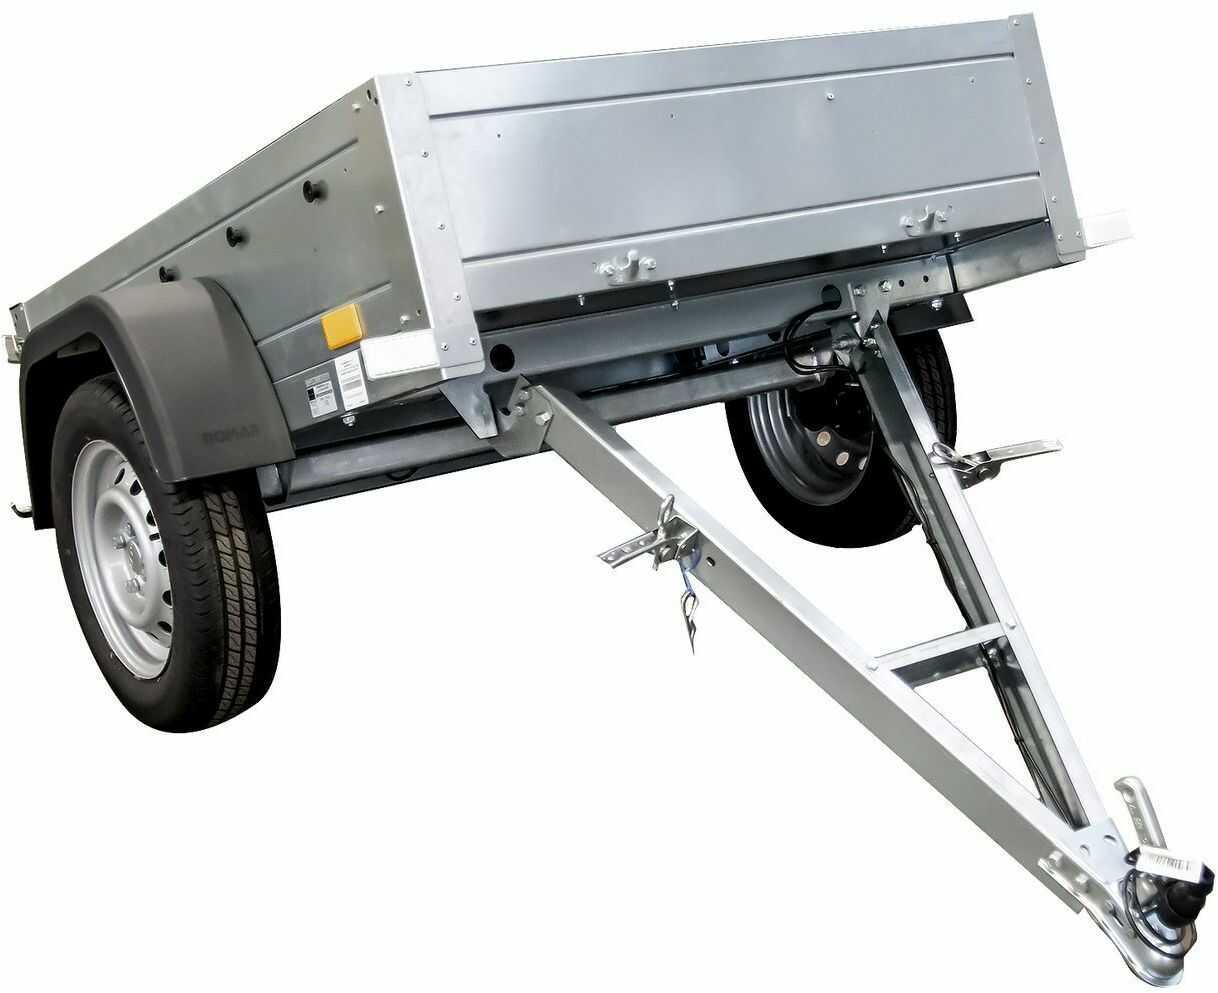 Przyczepka jednoosiowa 750 KG DMC 150 X 106 GARDEN TRAILER 150 KIPP